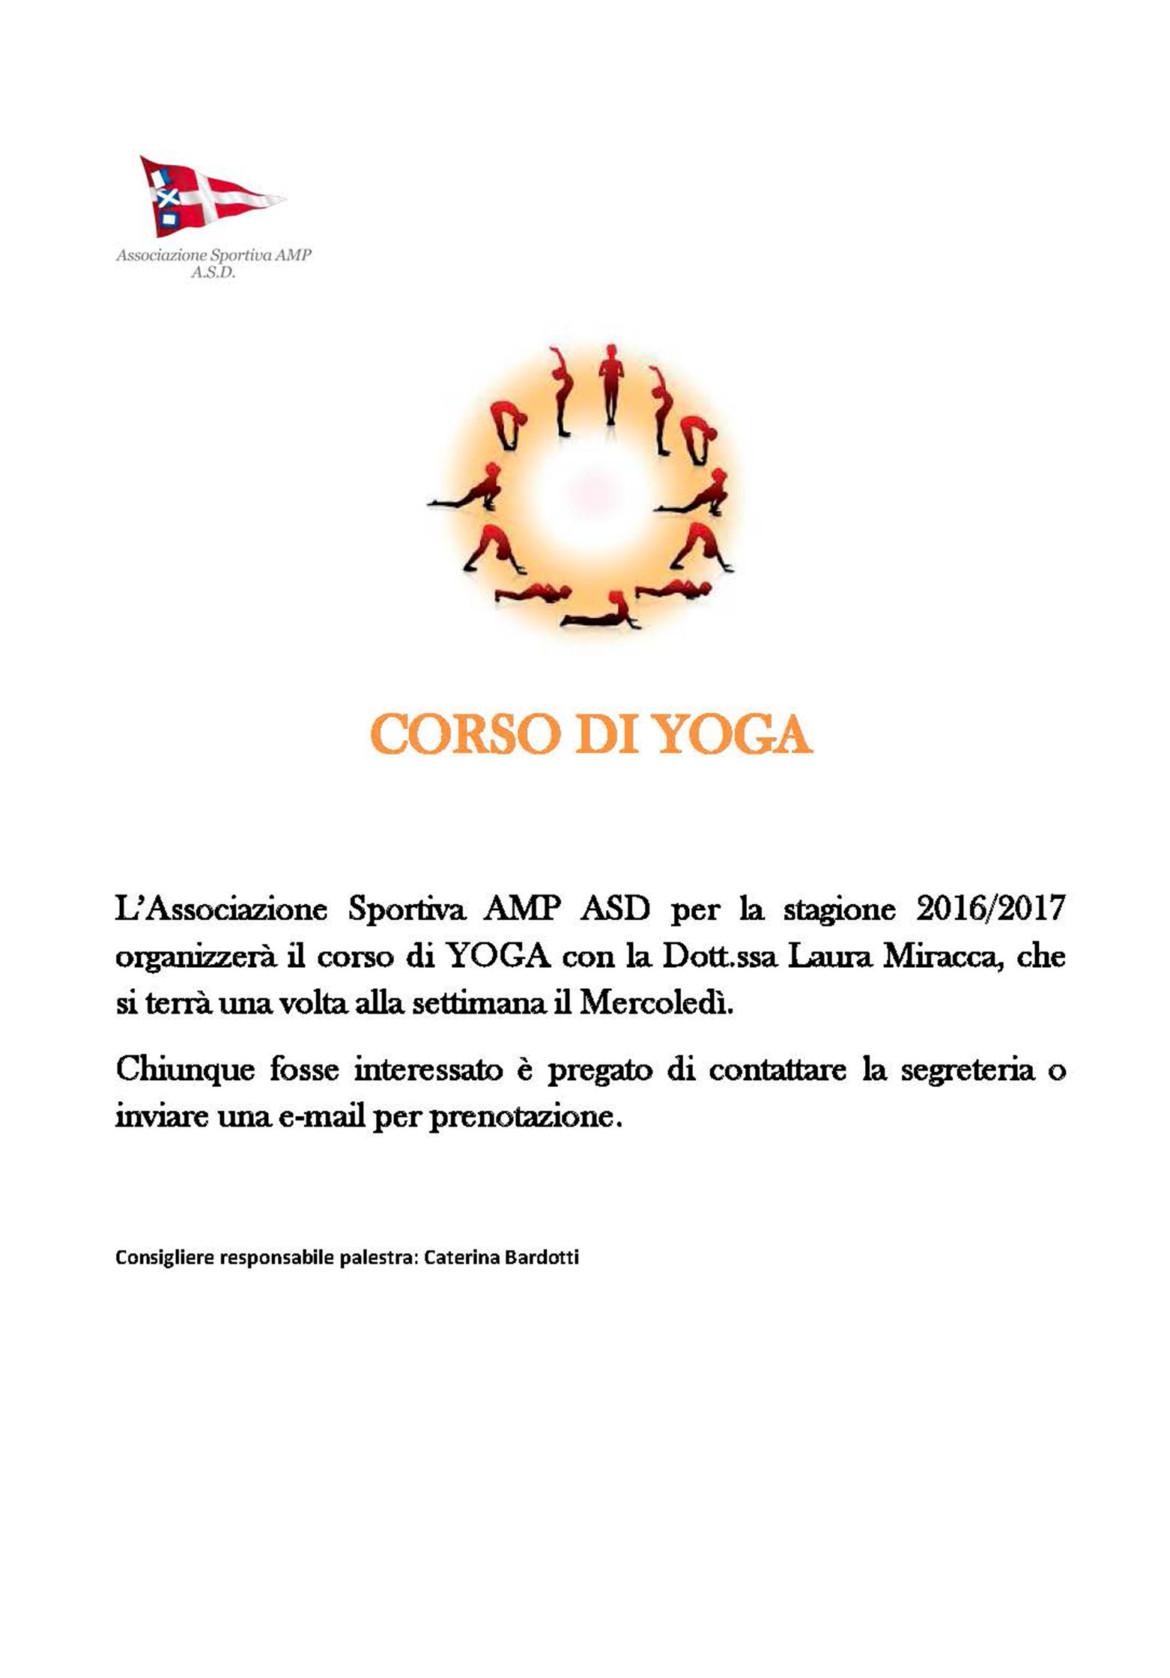 CORSO-DI-YOGA.jpg